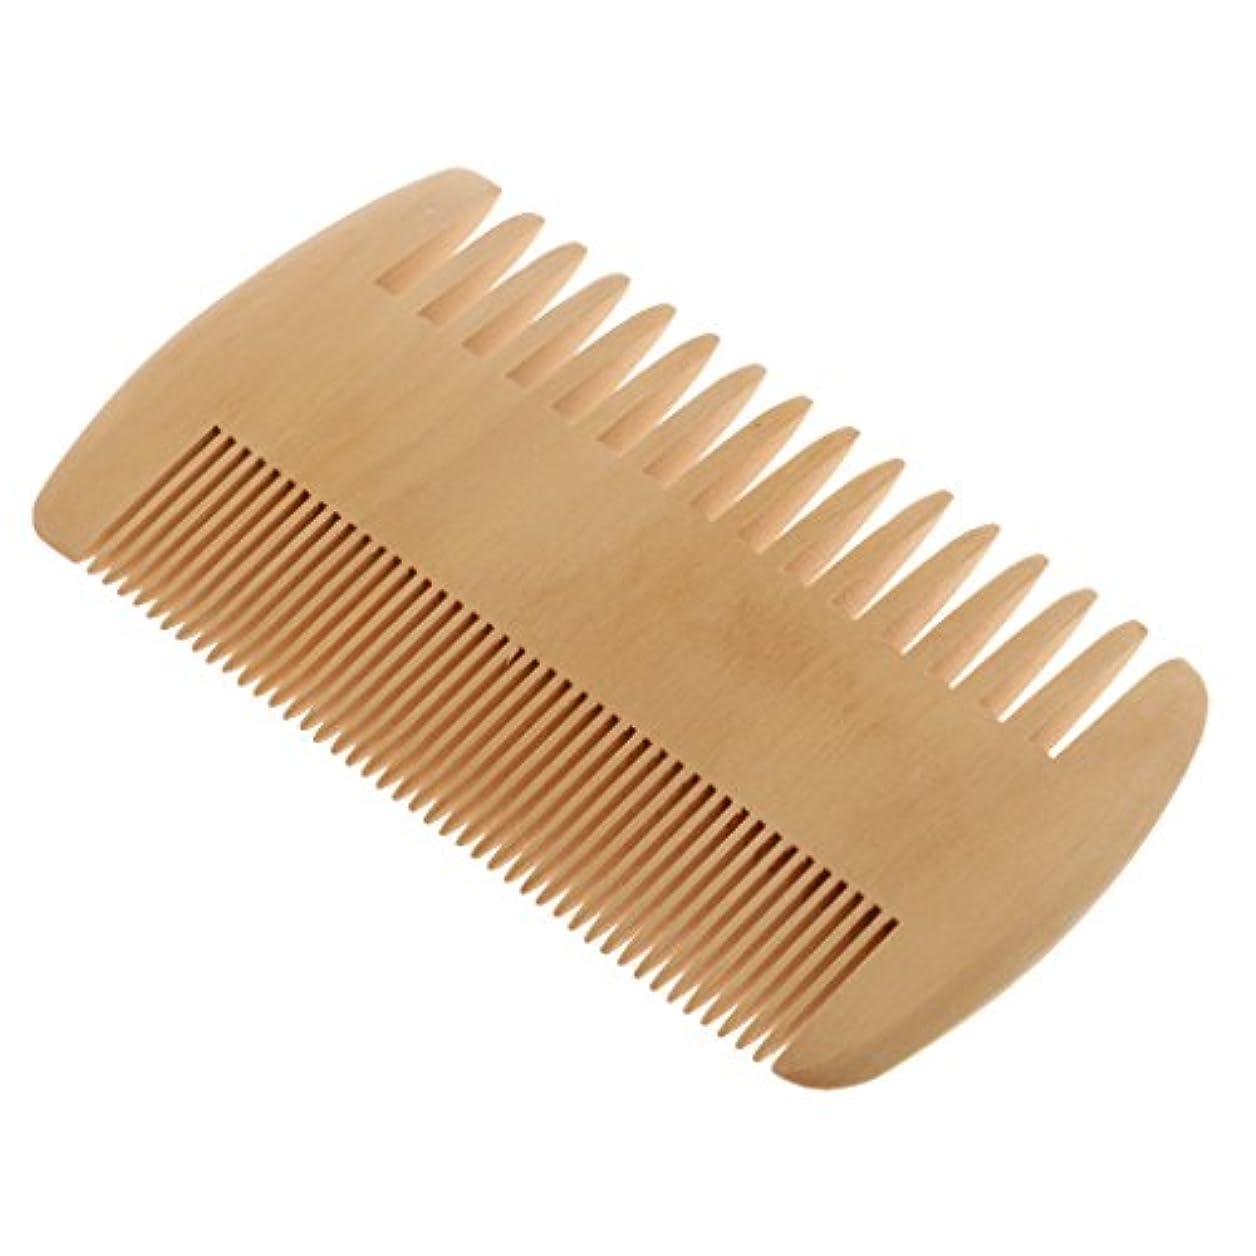 肌排泄する怪物Toygogo ヘアコーム 木製コーム 木製櫛 ポケットコーム マッサージの櫛 帯電防止 2倍 密度の歯